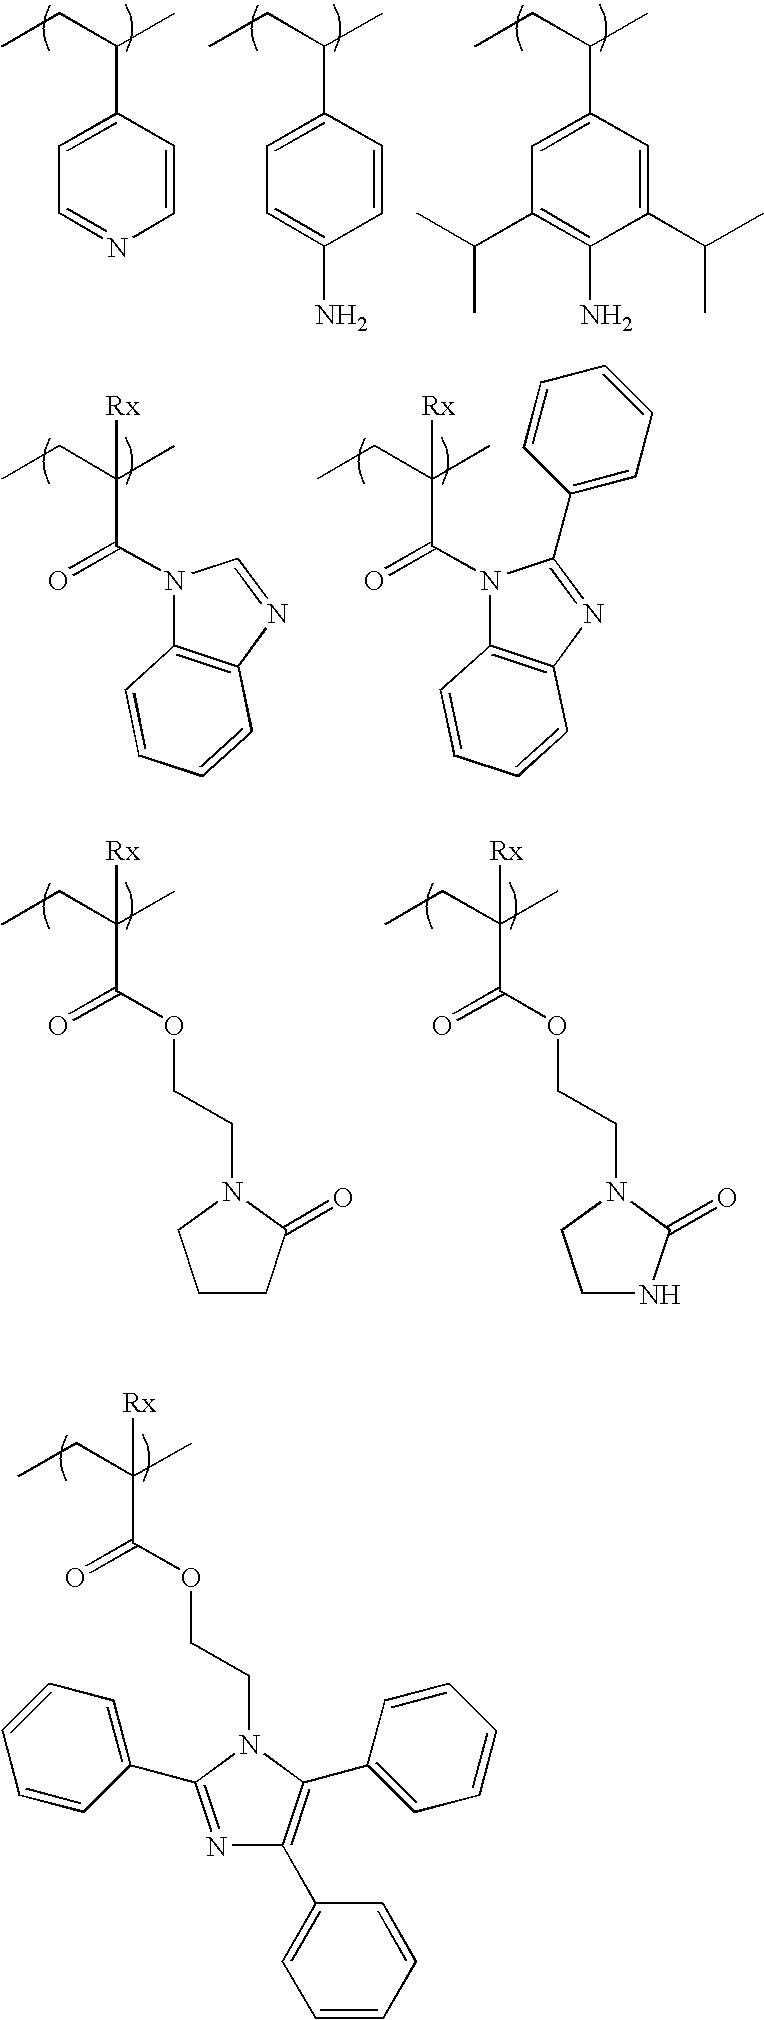 Figure US08741537-20140603-C00006